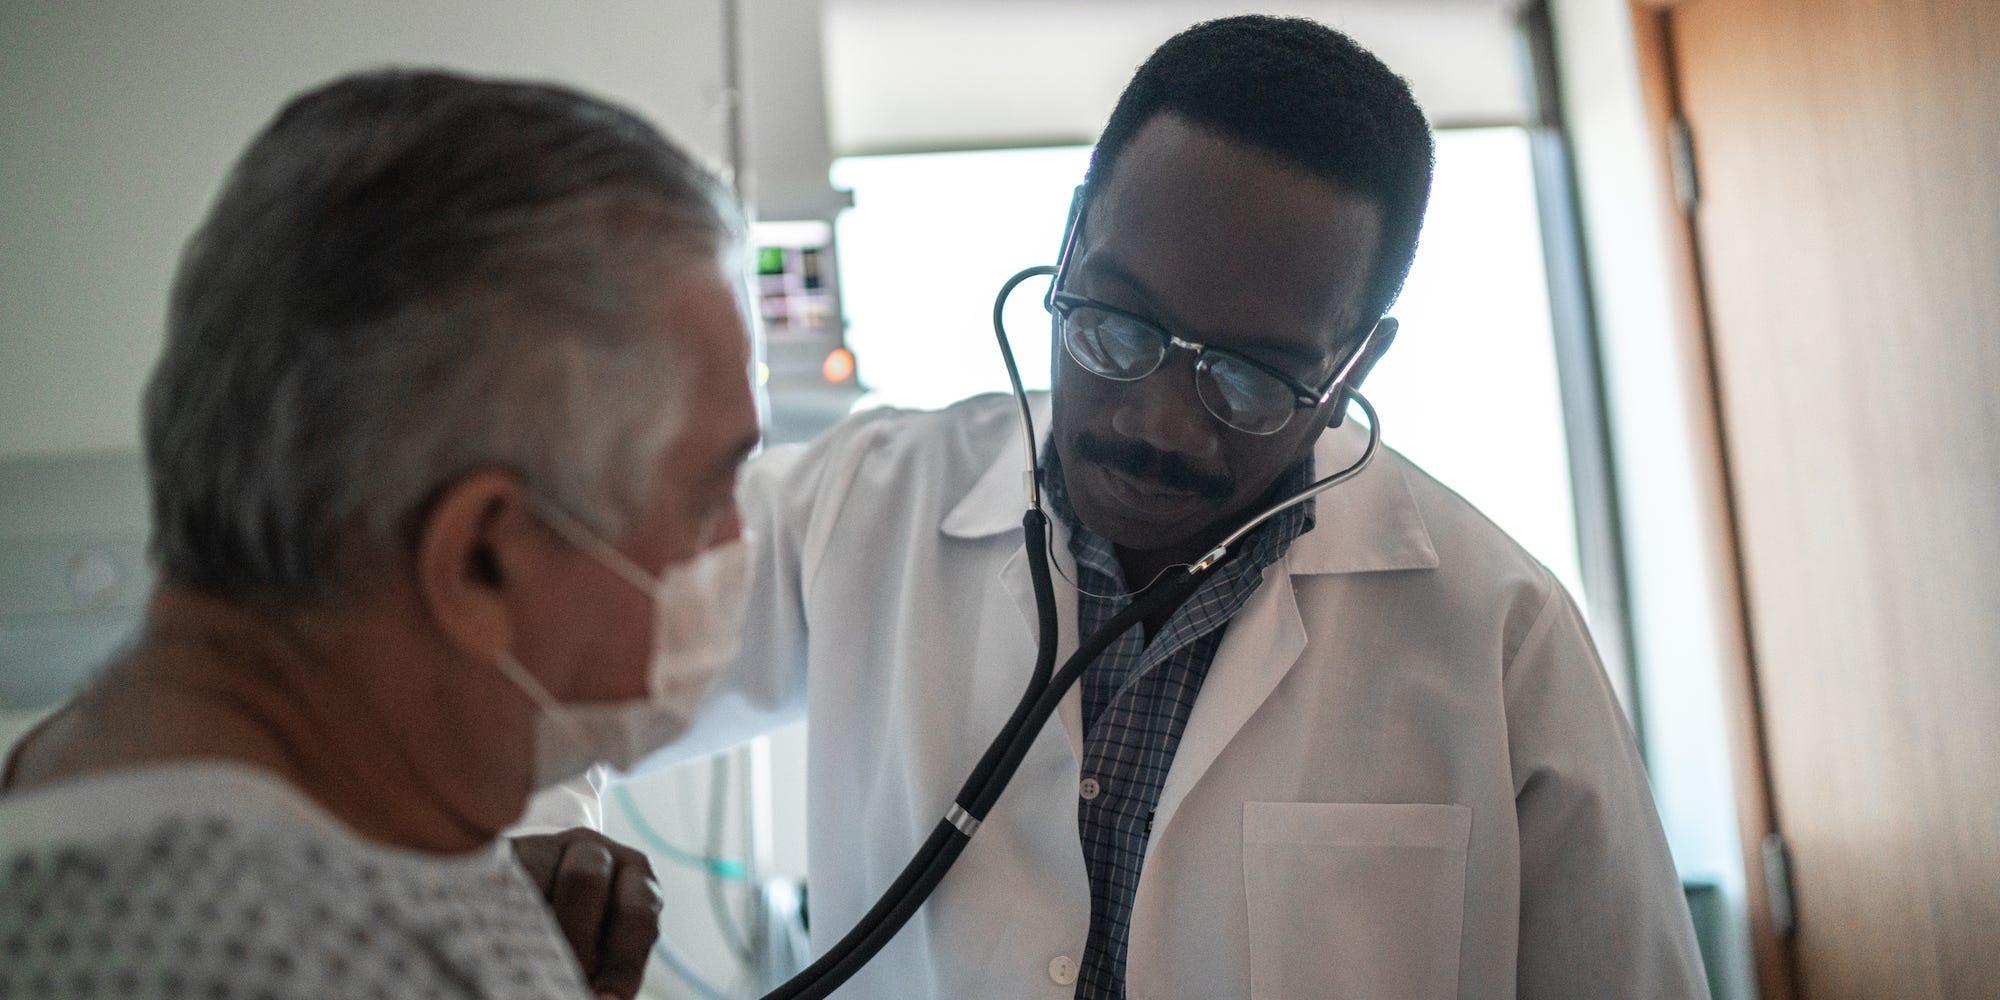 Υγειονομική περίθαλψη αγορά γιατρός ΗΠΑ: Αυξάνεται το ποσοστό των γιατρών στις ΗΠΑ που ασχολούνται με ιδιωτικές εταιρίες